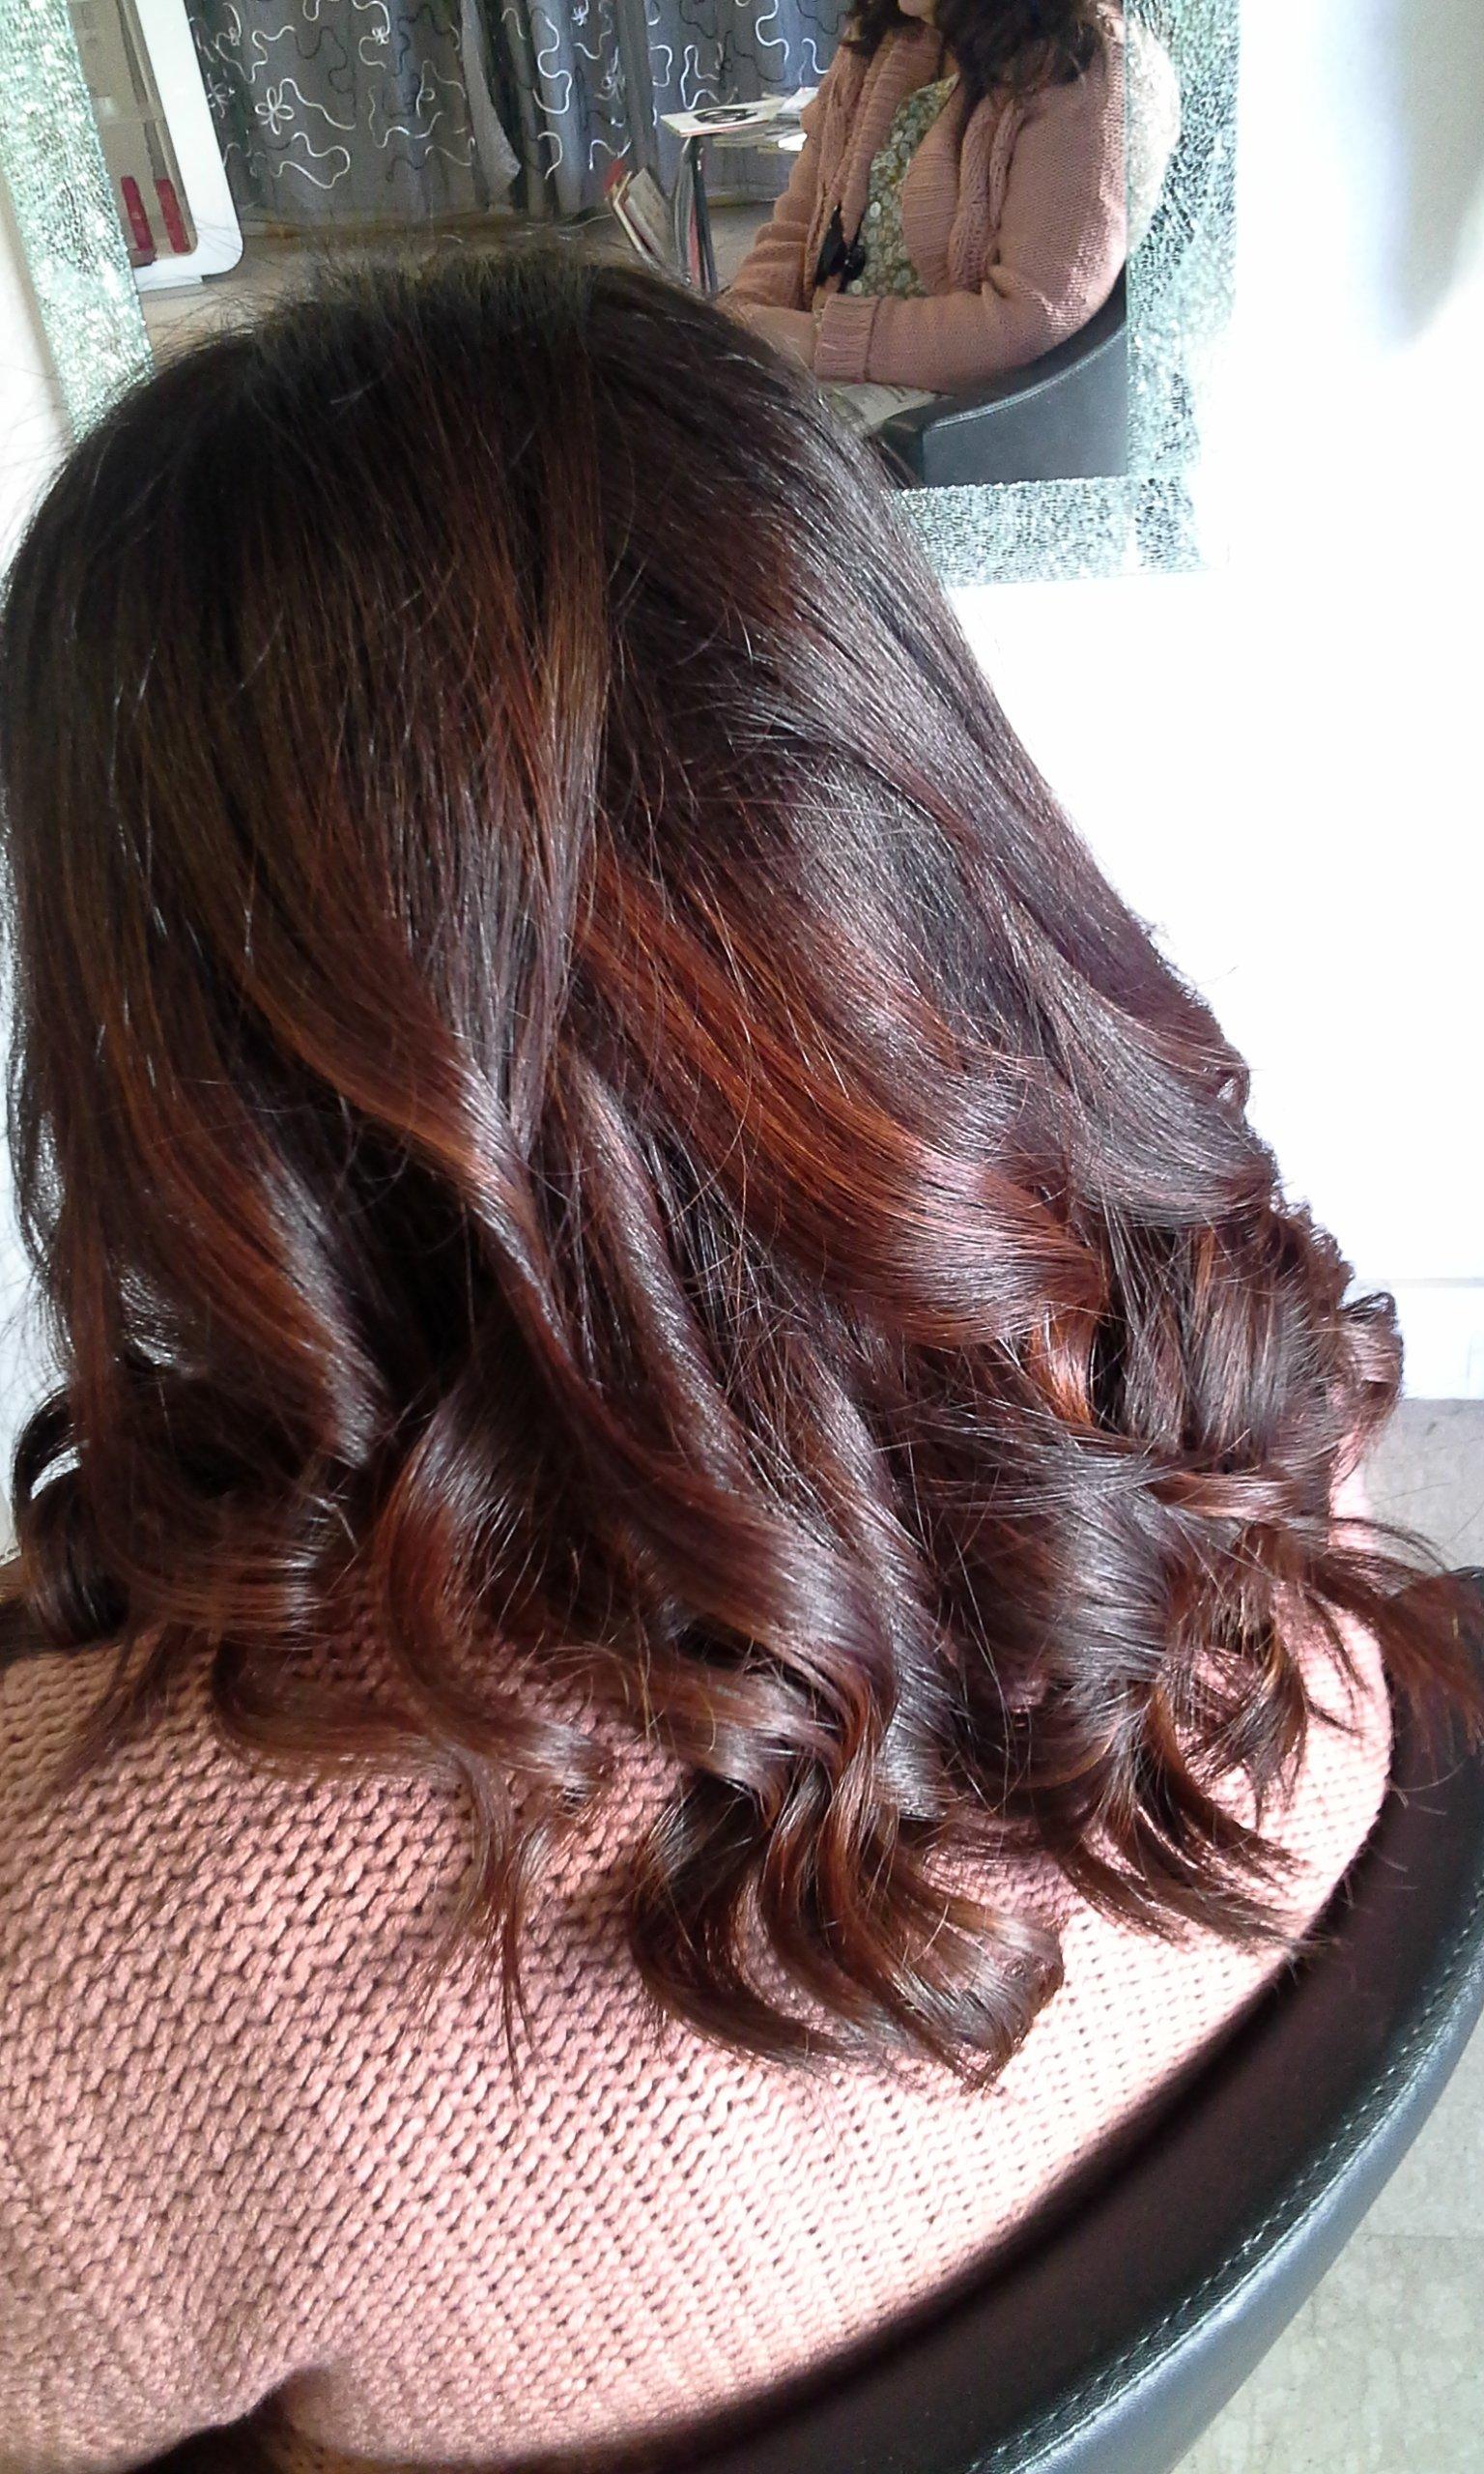 capelli castani con riflessi rossi